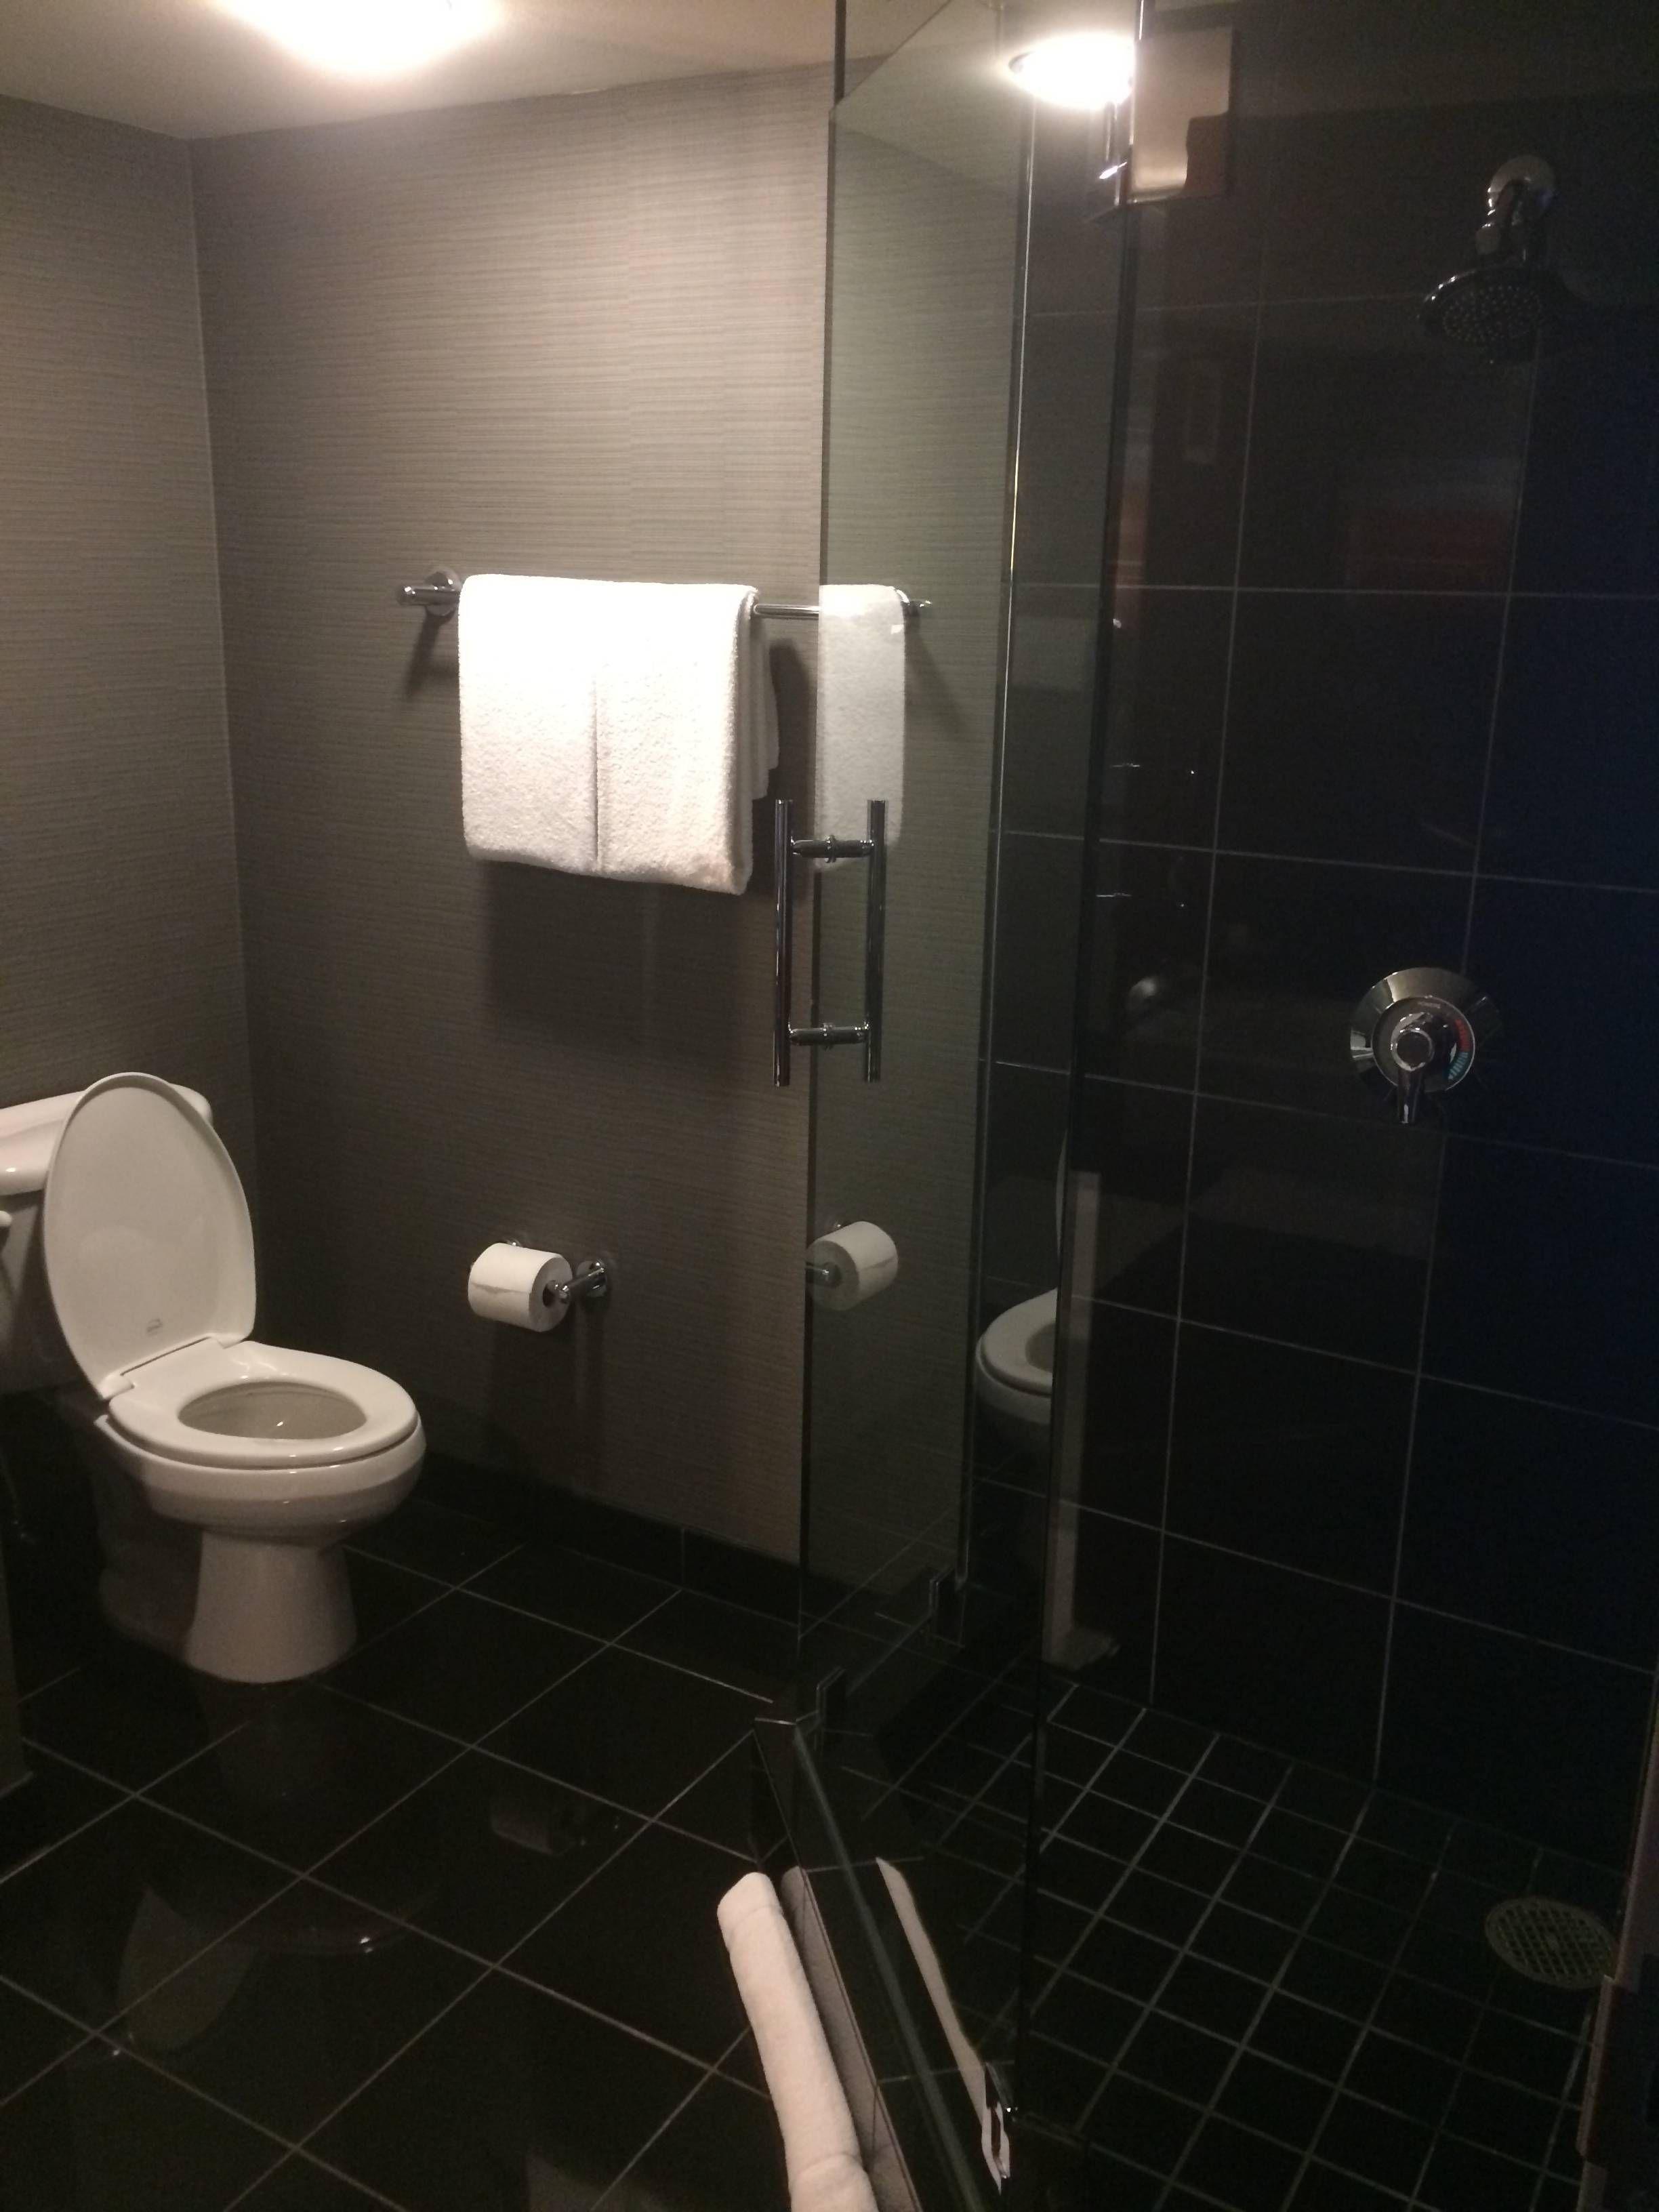 Banheiro Preto E Cinza Banheiro Preto E Bege Banheiros De Luxo Pequeno  #8A6441 2448x3264 Banheiro De Luxo Pequeno